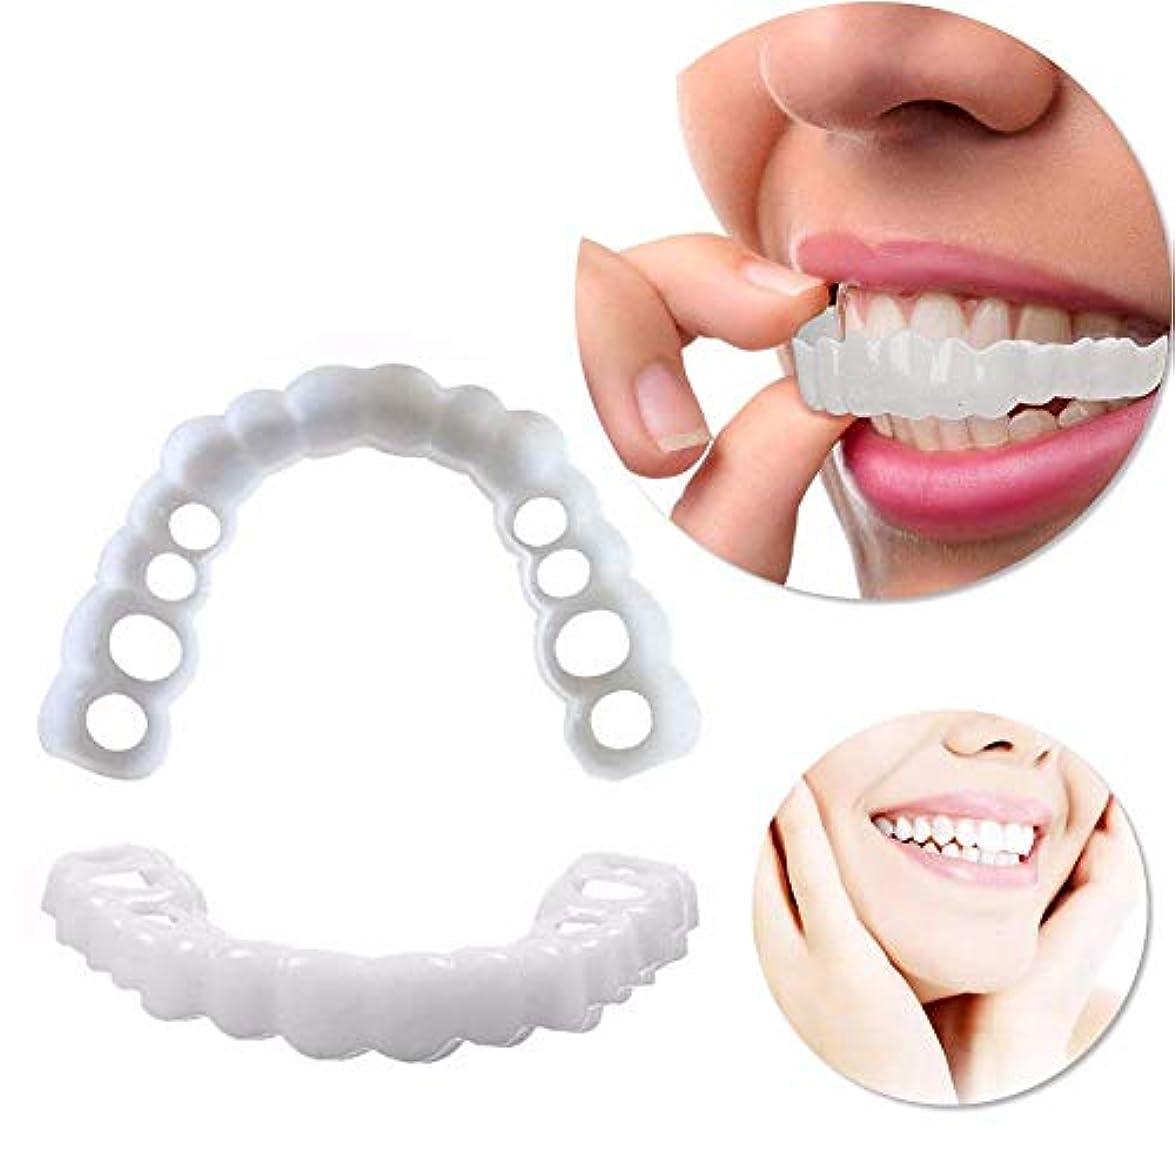 マサッチョドアミラーパール義歯安全インスタントスマイル化粧品ノベルティ歯 - ワンサイズが一番フィット,7Pairs